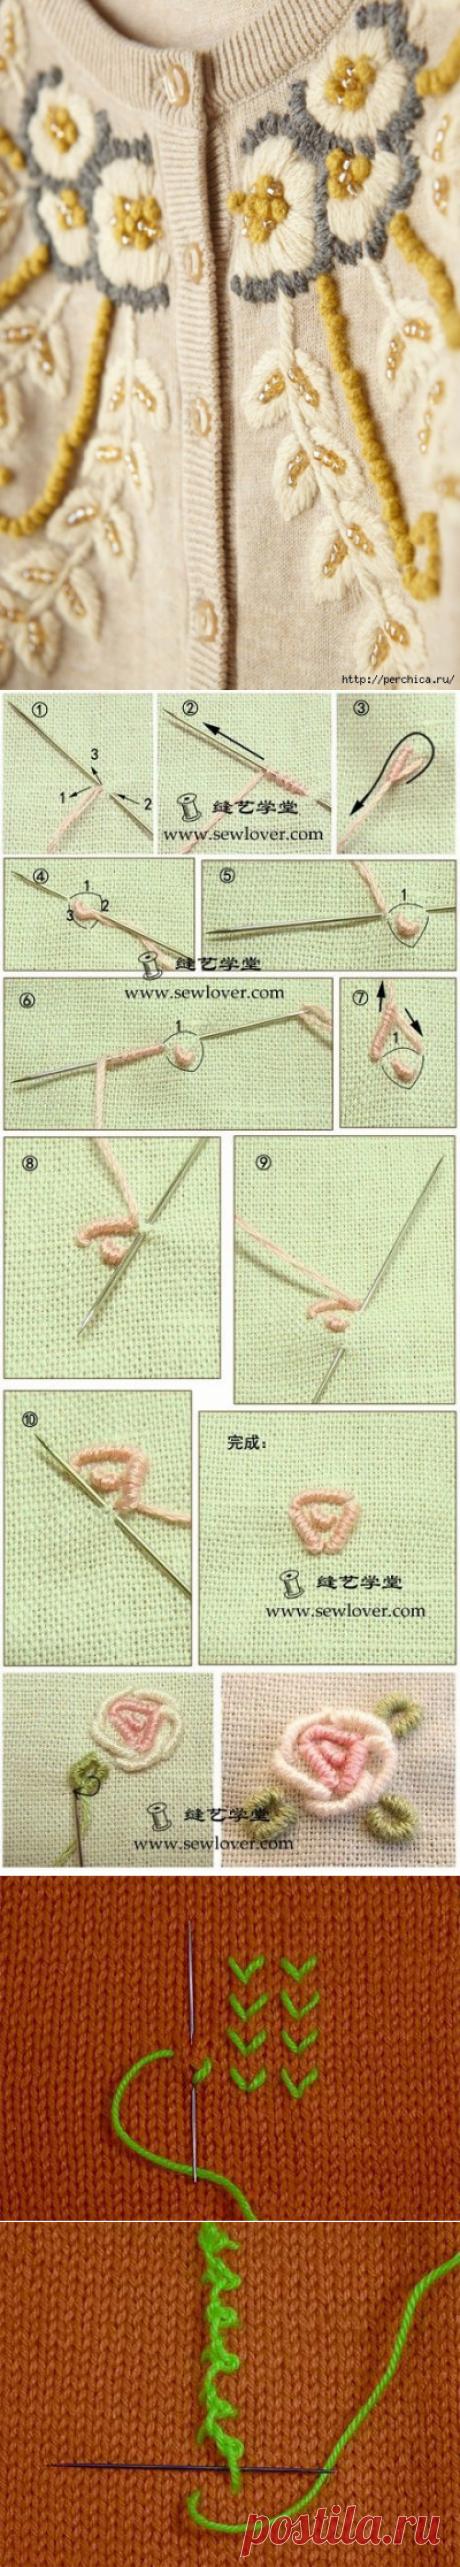 Основные швы вышивки нитками по трикотажному и вязаному полотну